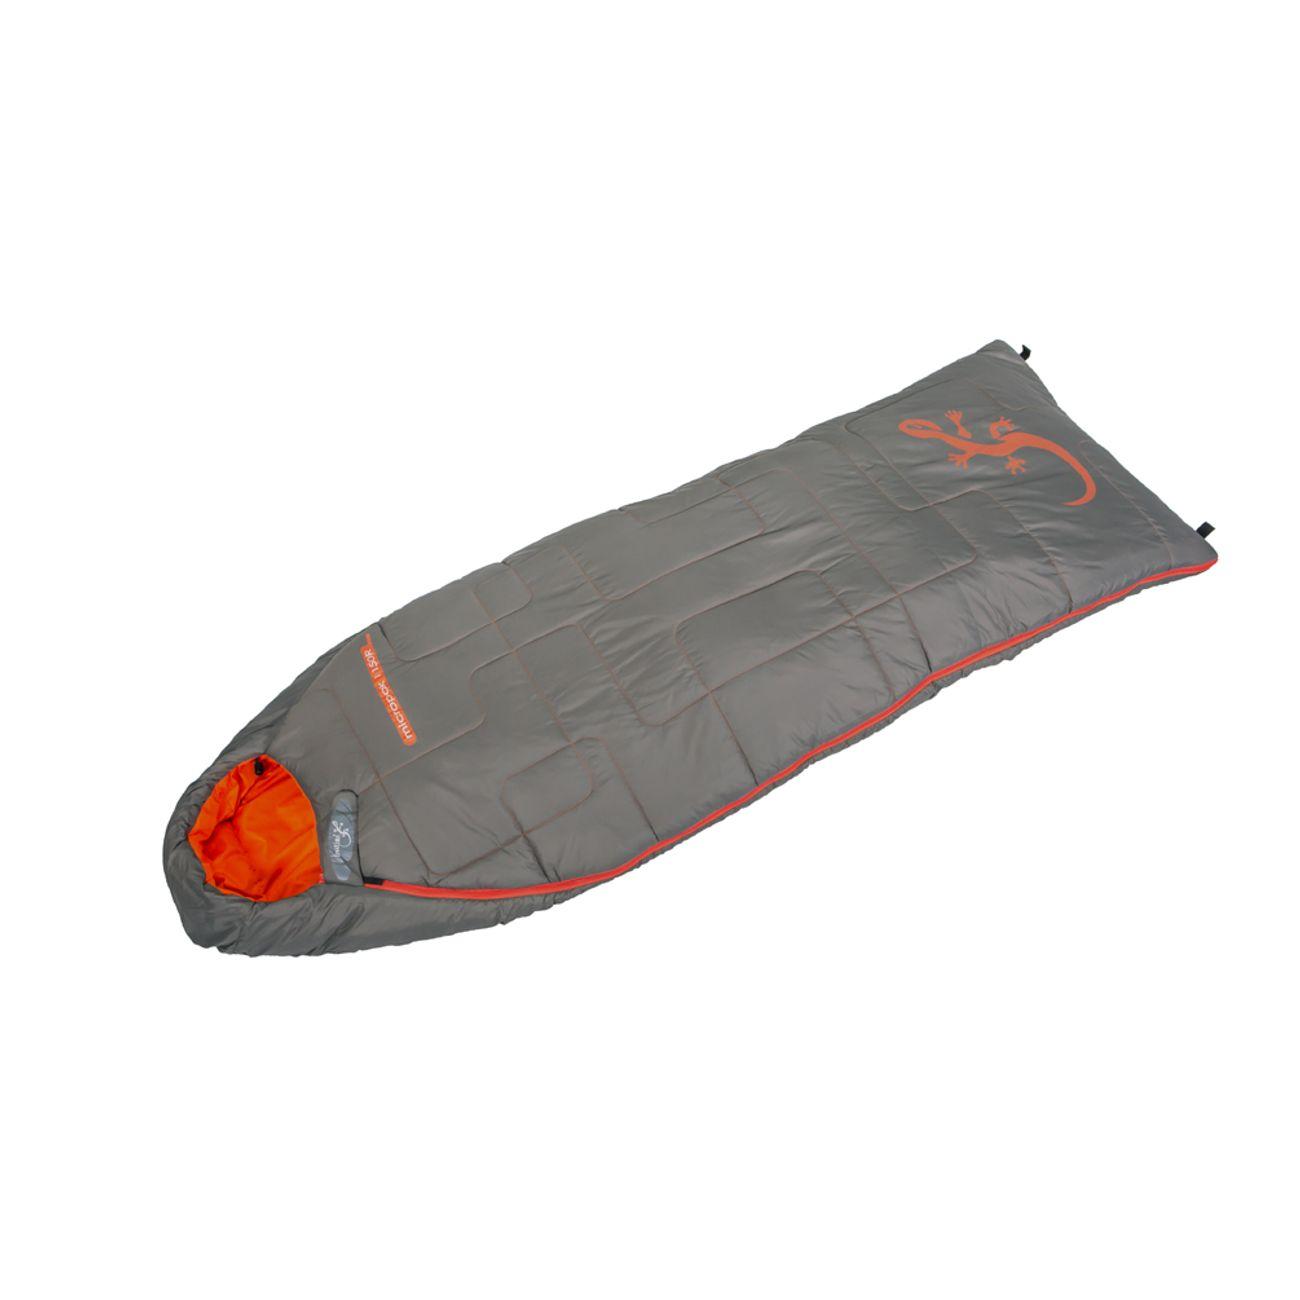 Camping  FREETIME Micropak 1150R MICROPAK 1150R -  Sacs de couchage + 8° à - 4°C -Sacs de couchage léger-couverture avec capuche